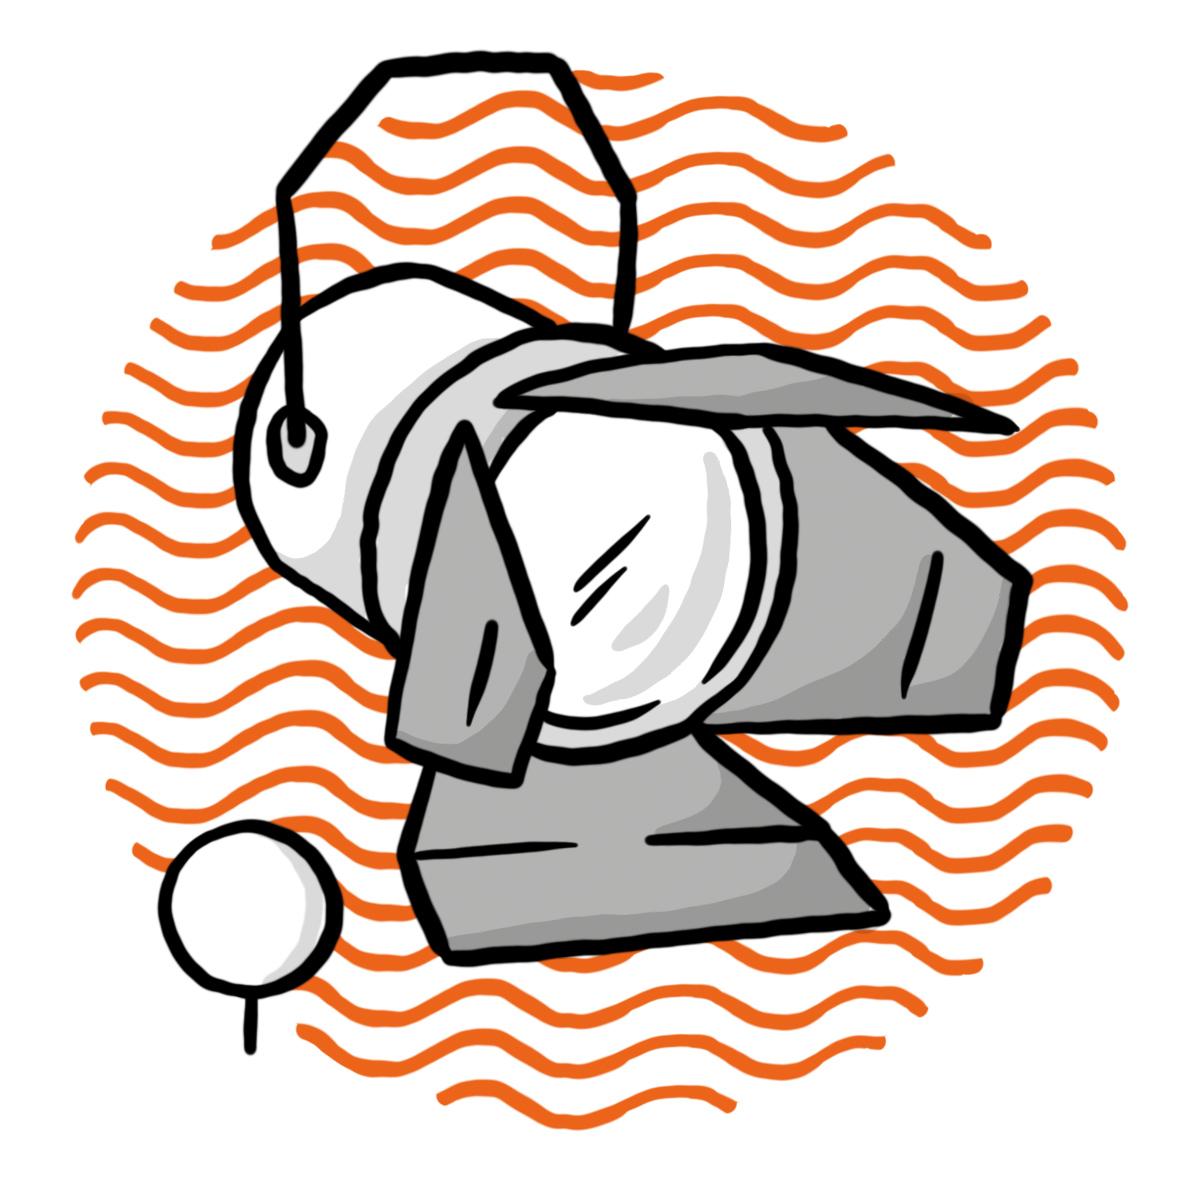 Scheinwerfer Illustration mit Ganztagesklasse-Bäumchen (Symbol für Ganztagesklasse)